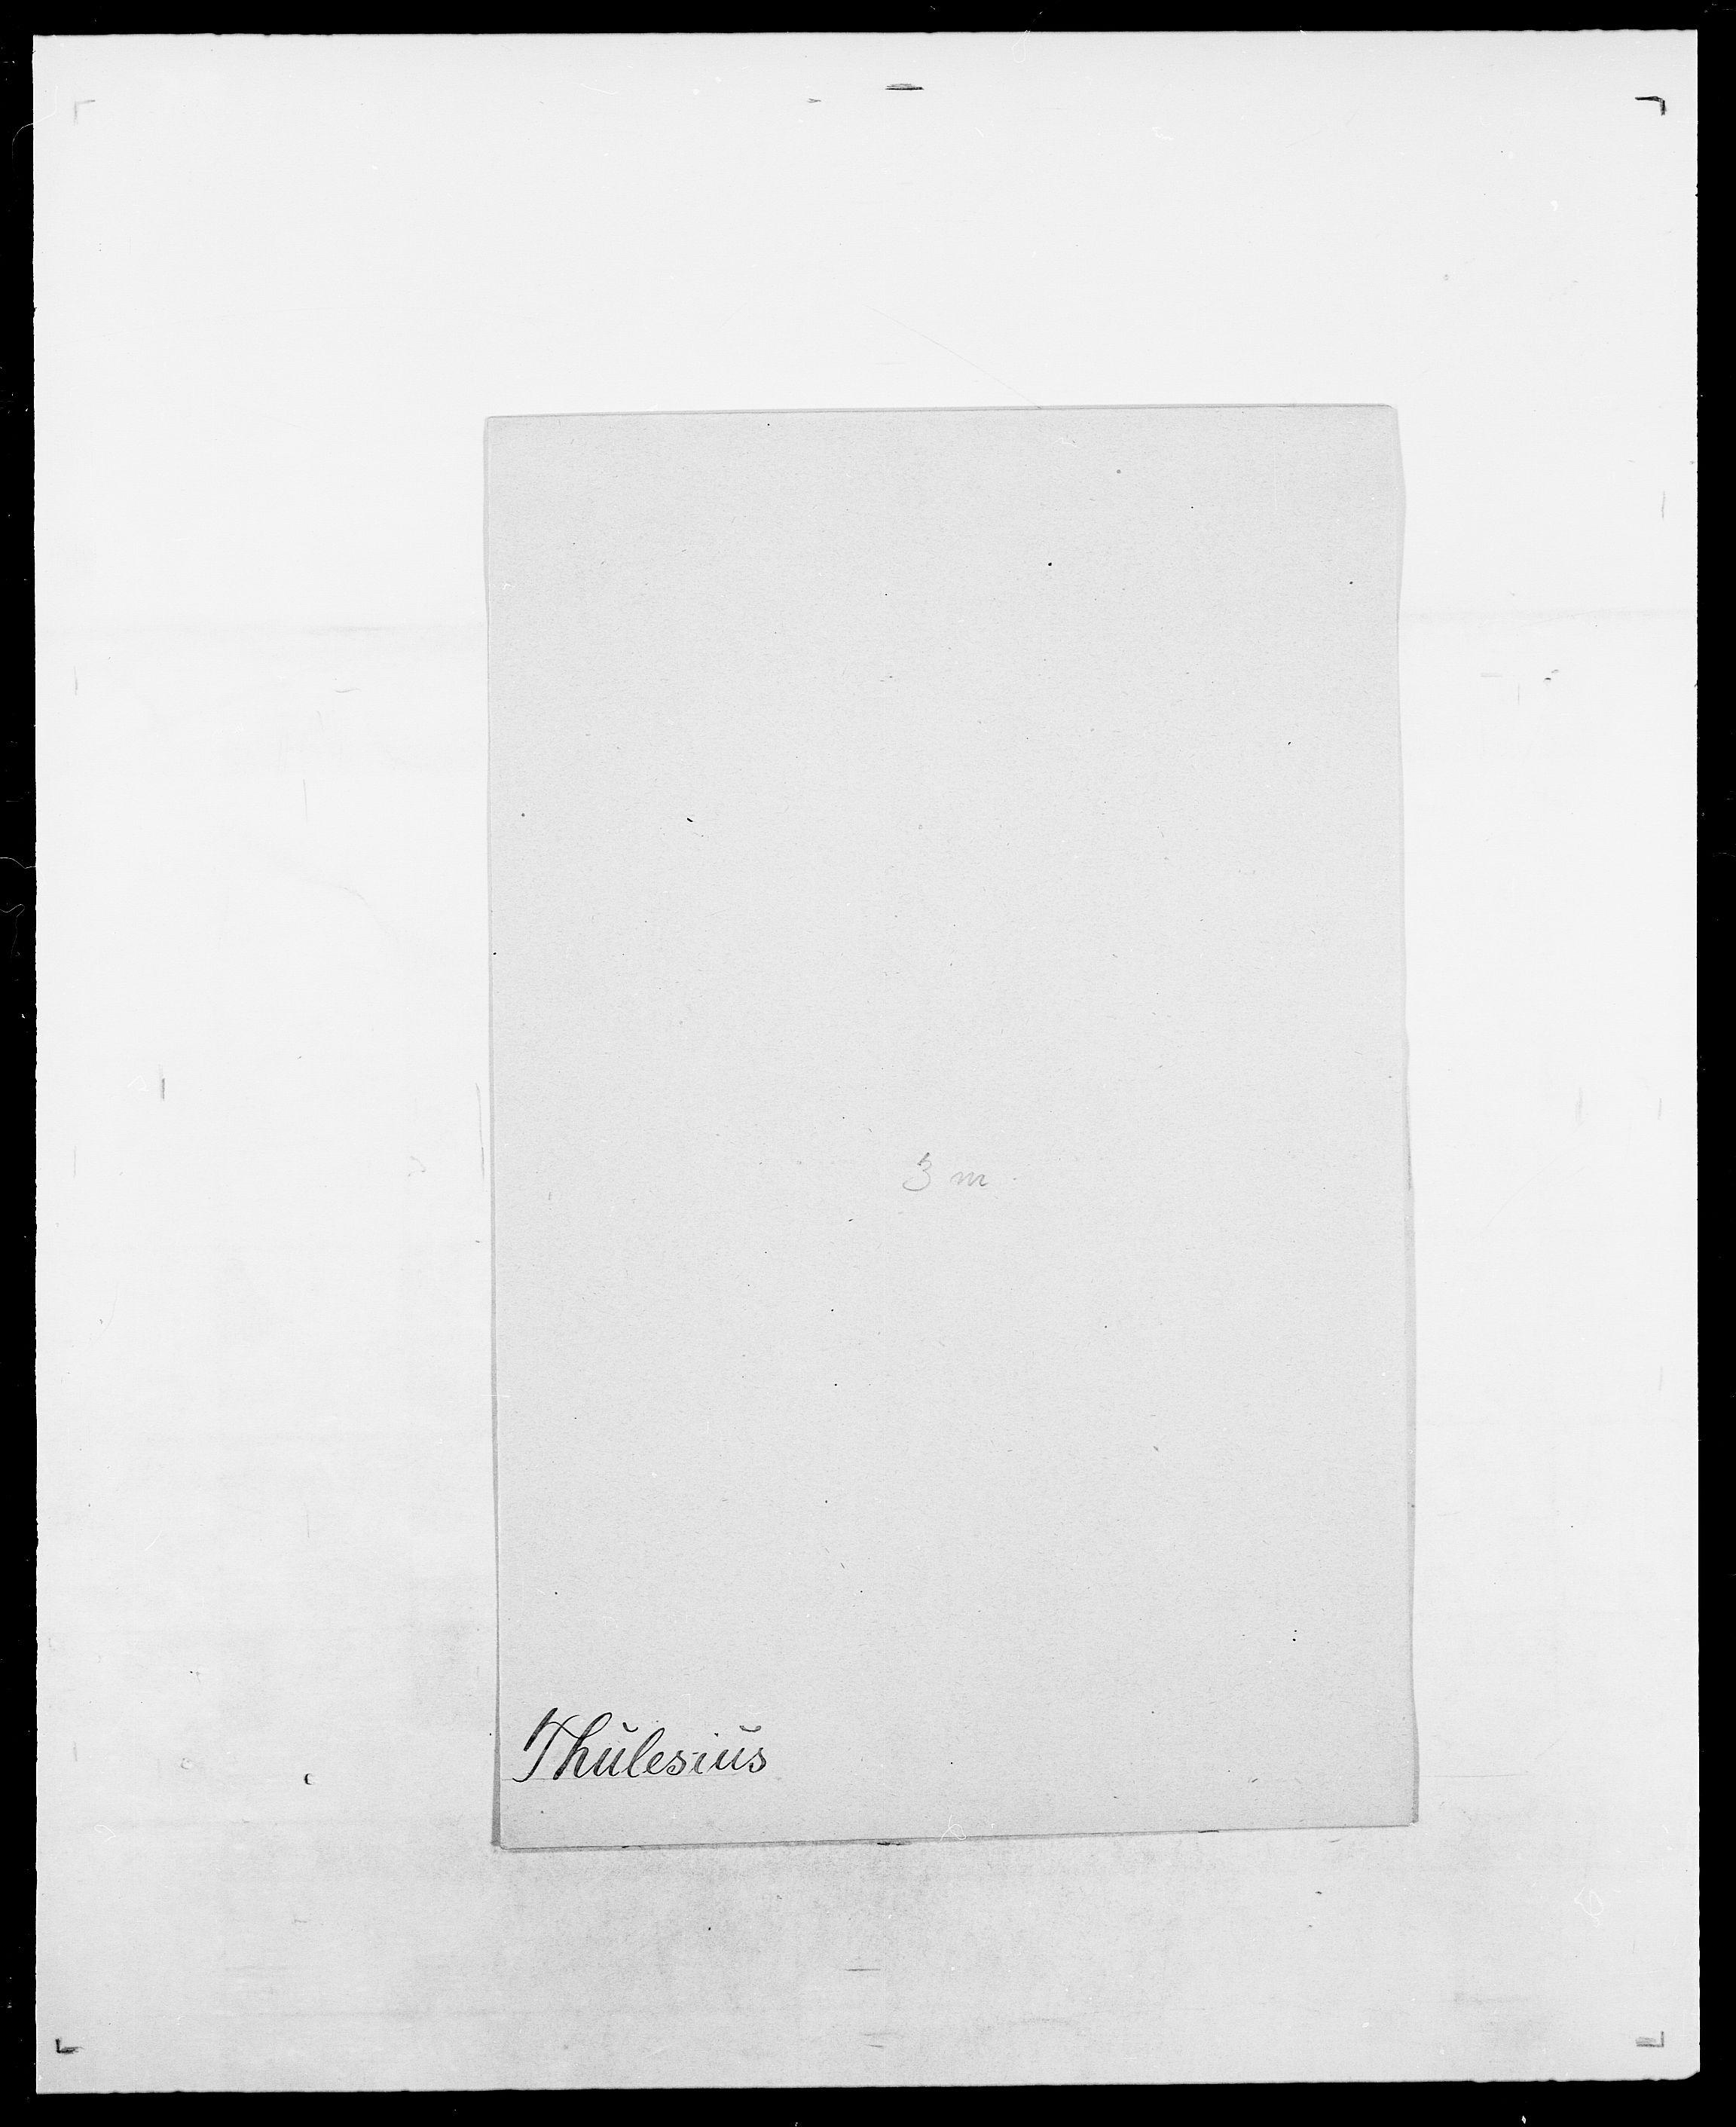 SAO, Delgobe, Charles Antoine - samling, D/Da/L0038: Svanenskjold - Thornsohn, s. 1016